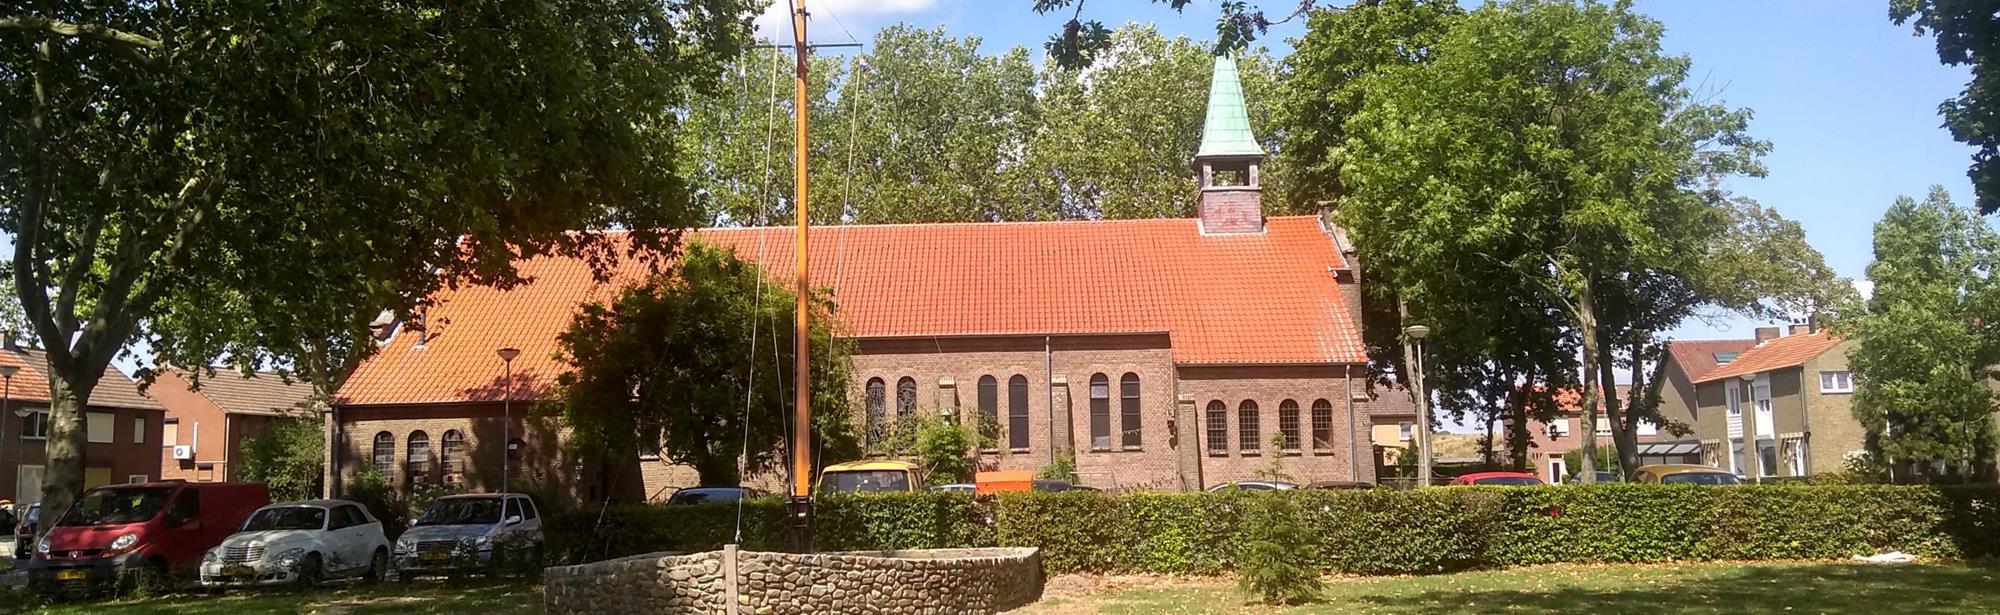 Schipperskerk